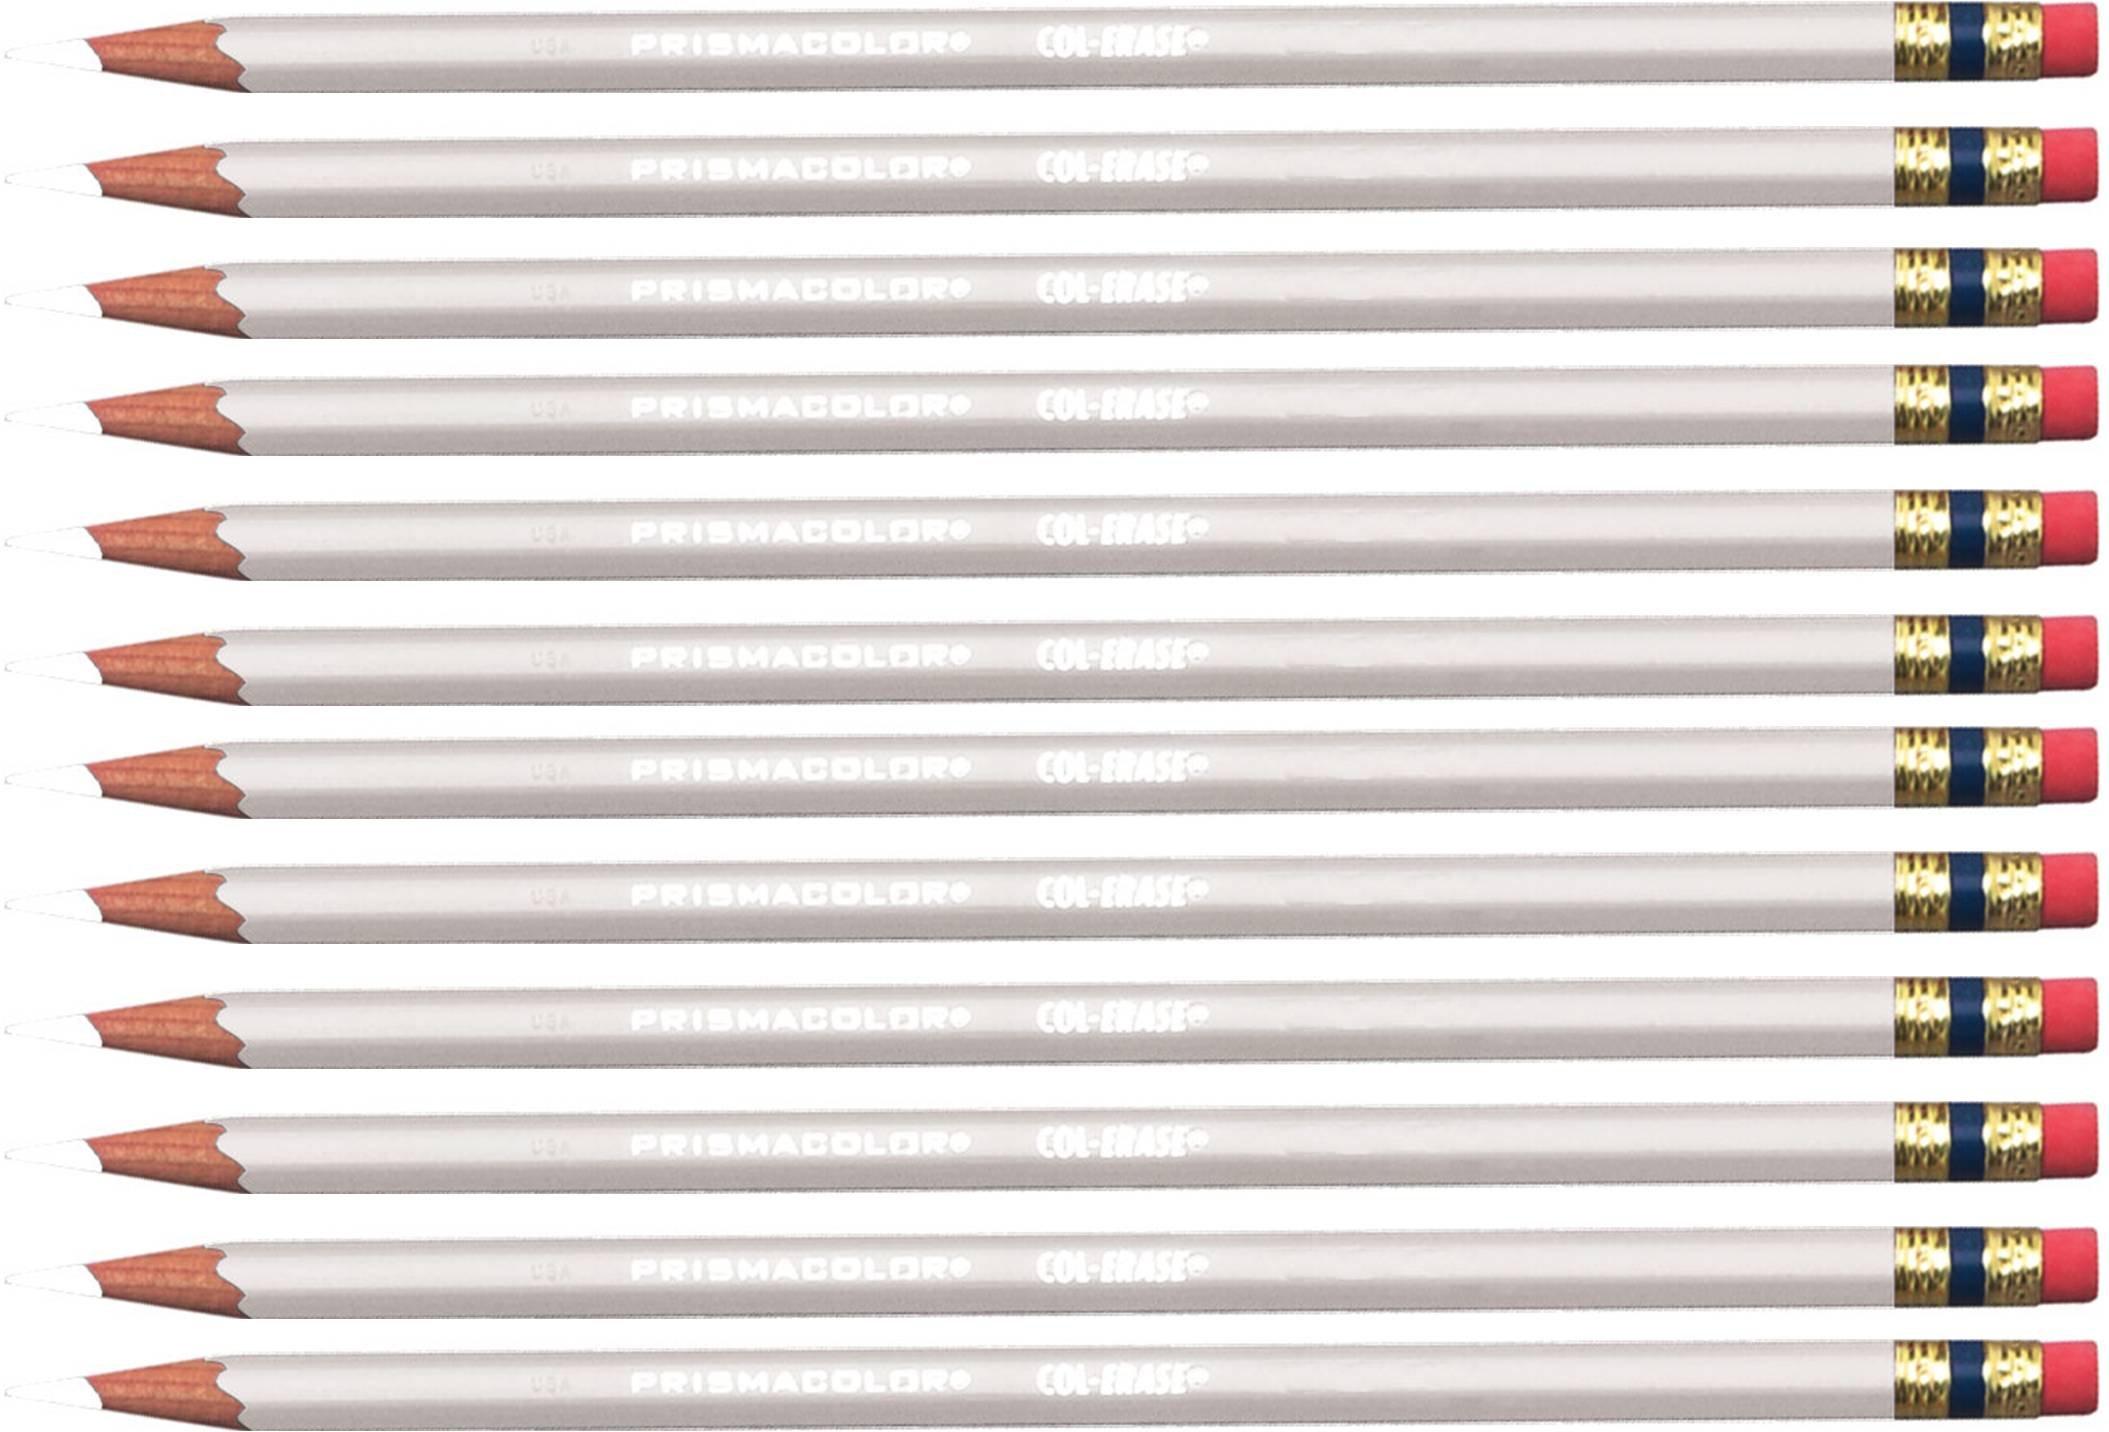 Prismacolor Col-erase Color Pencils,  White, Box of 12 Pencils by Prismacolor